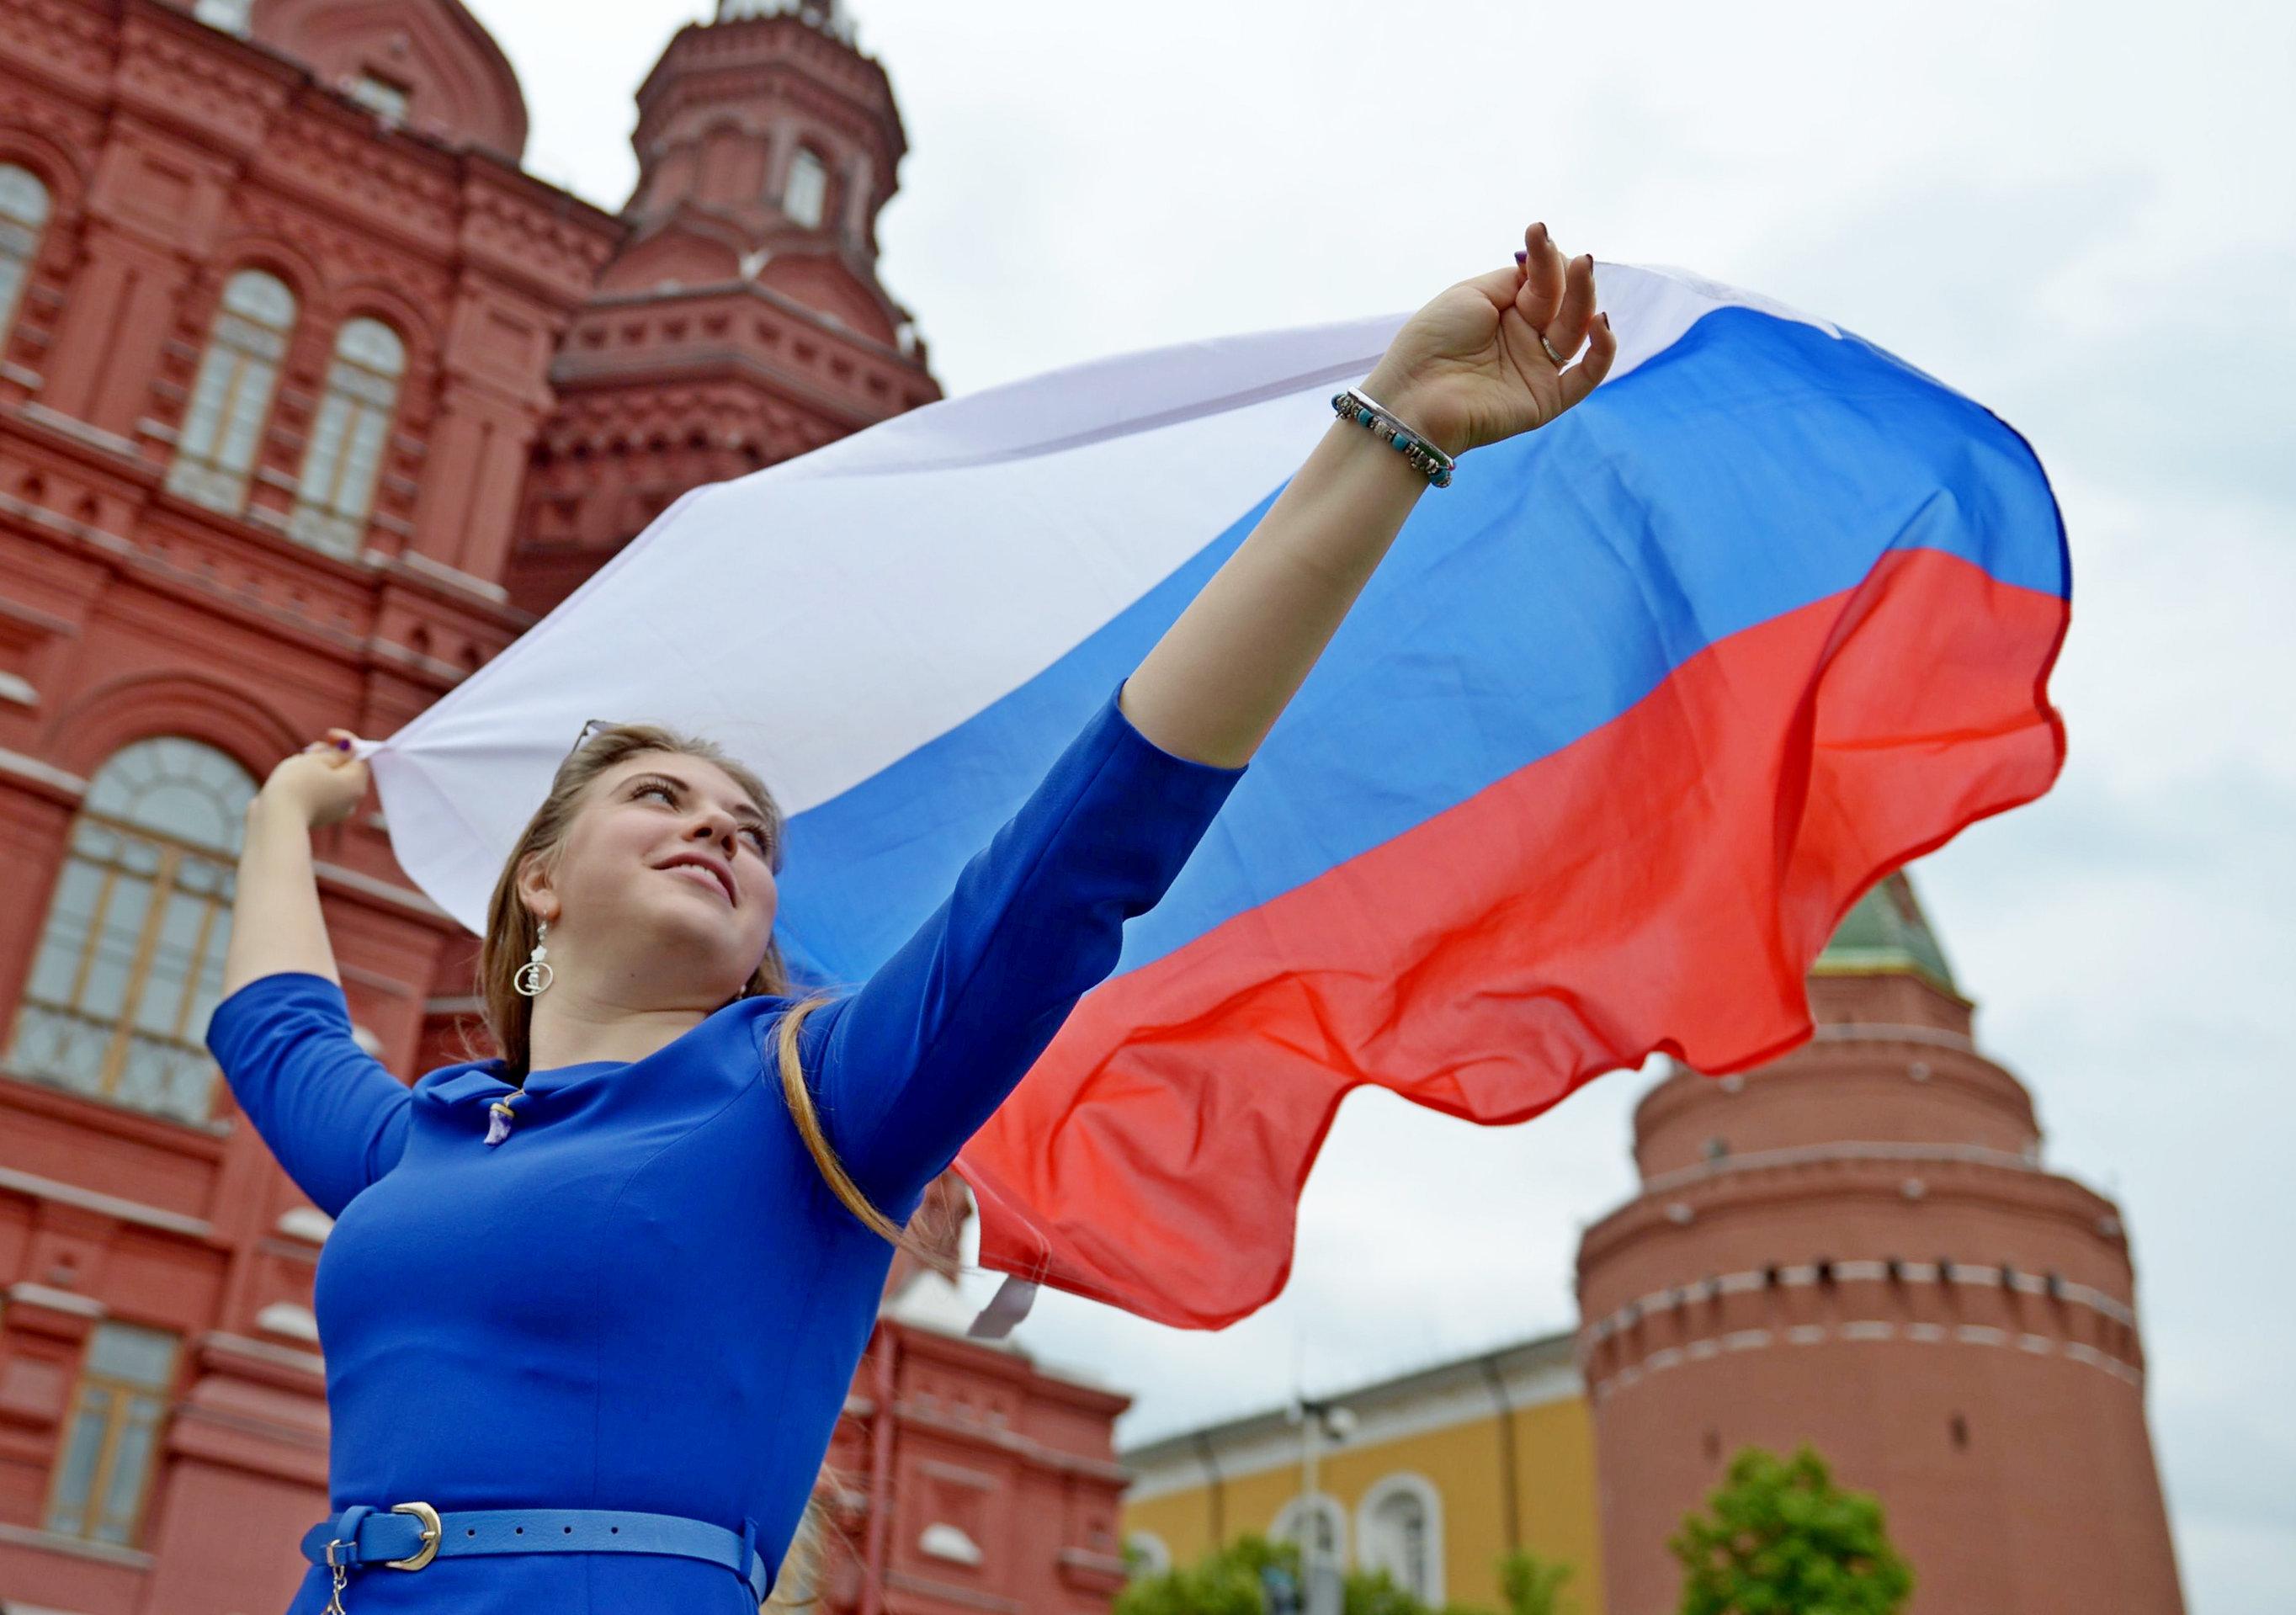 Москву украсят плакатами ко Дню российского флага